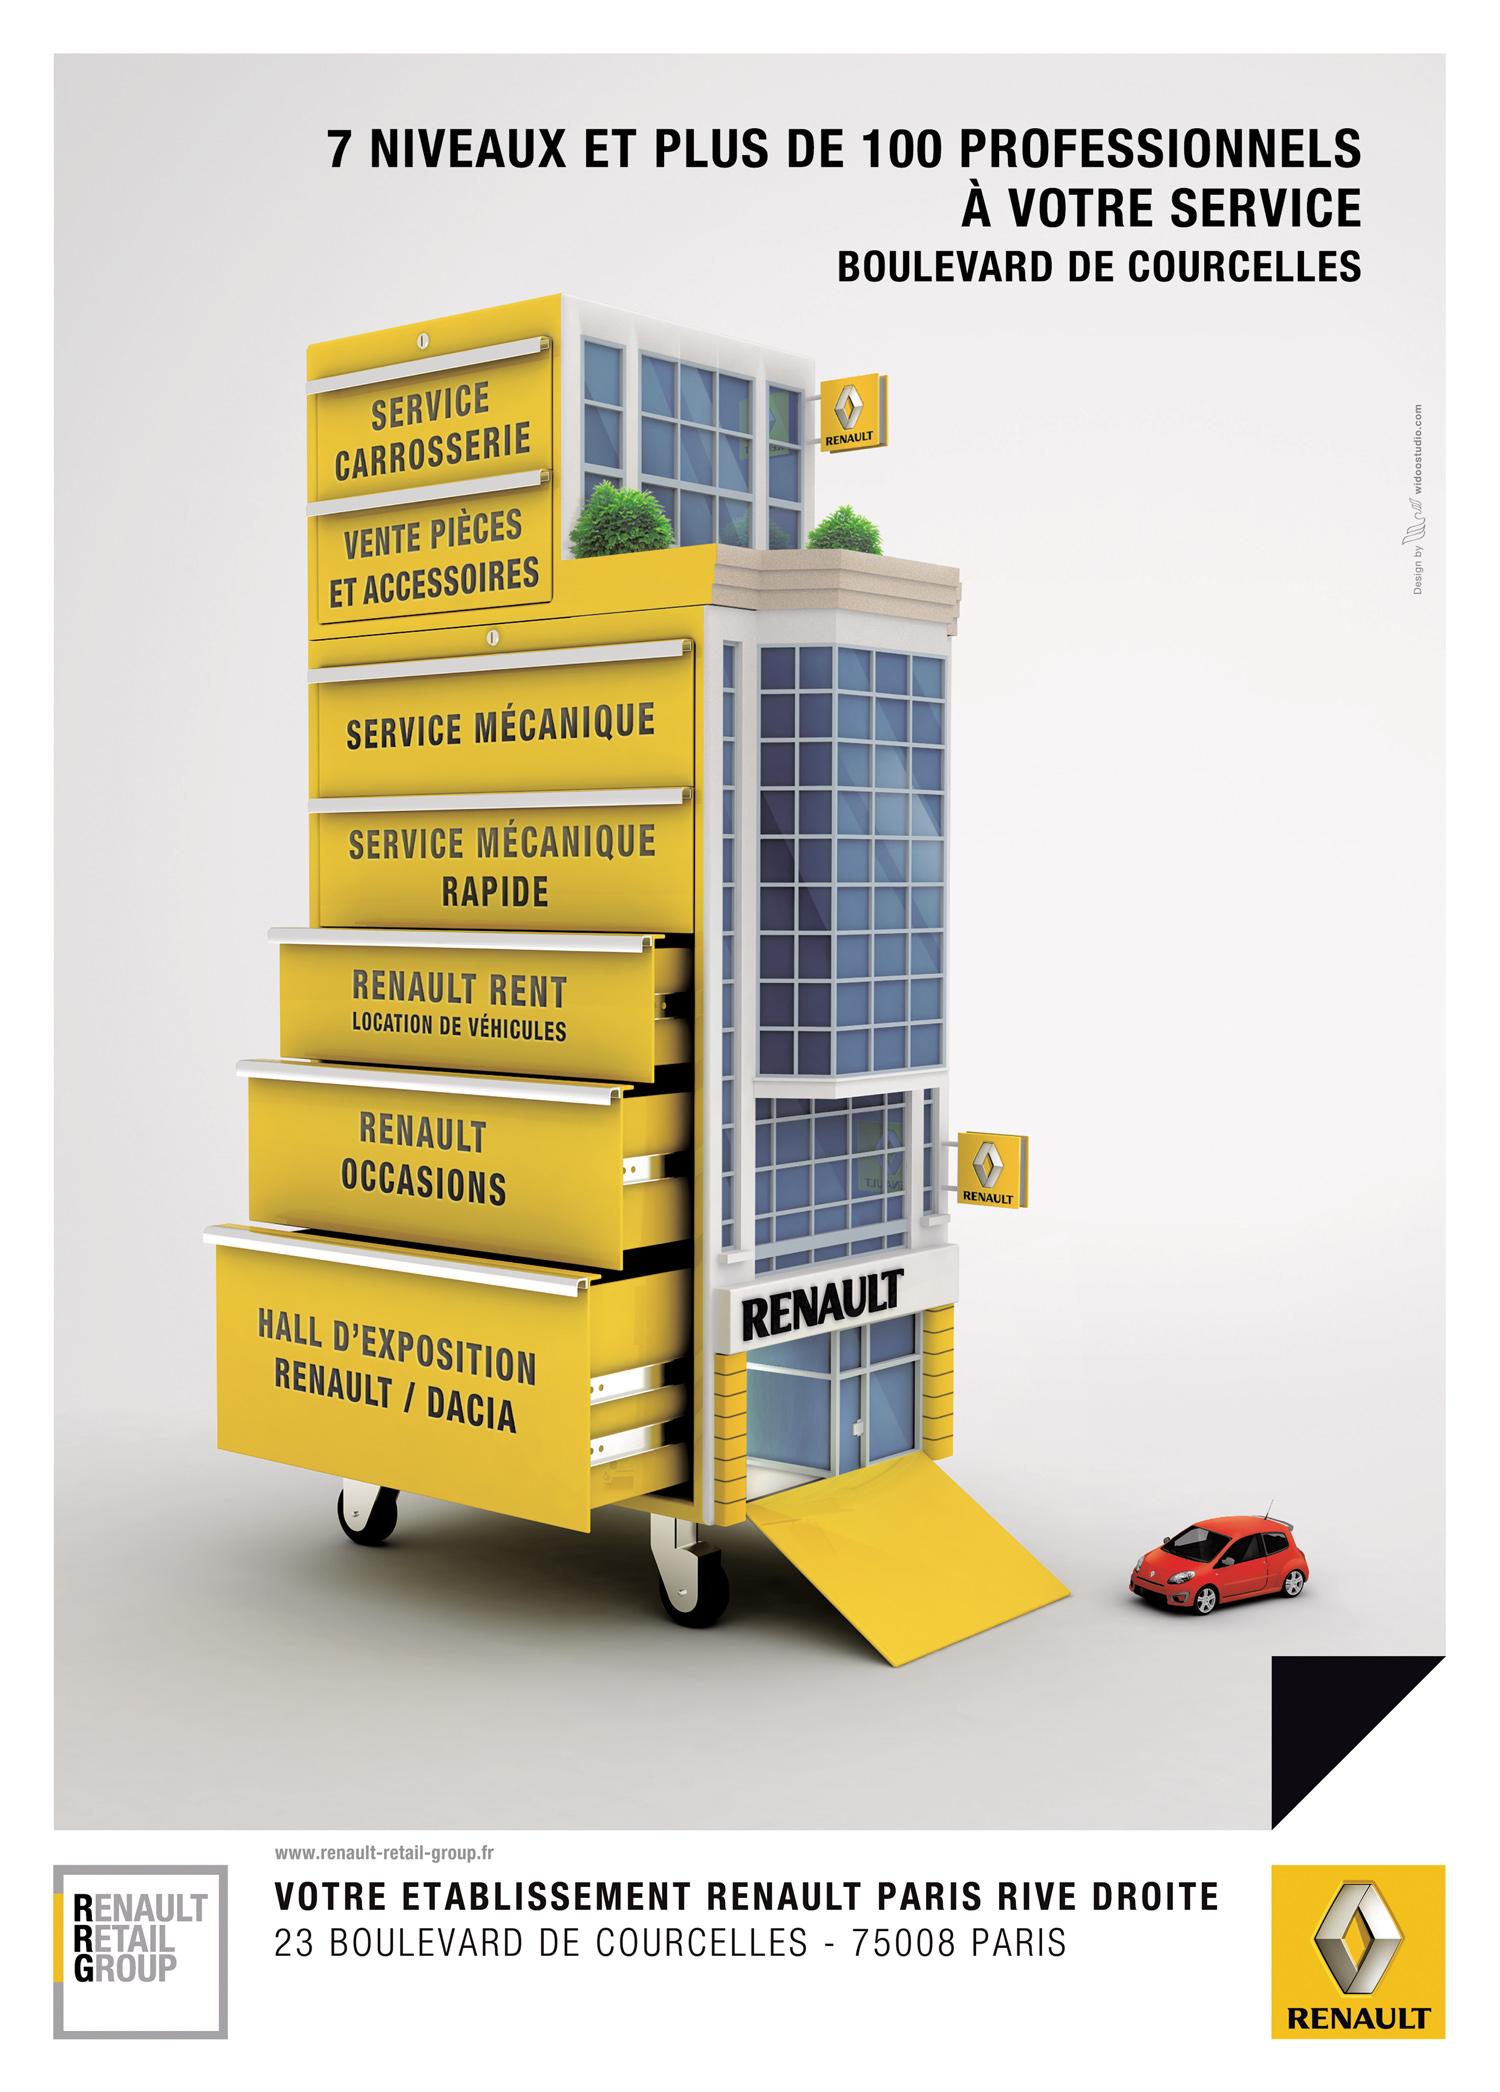 Visuel publicitaire Renault Courcelles